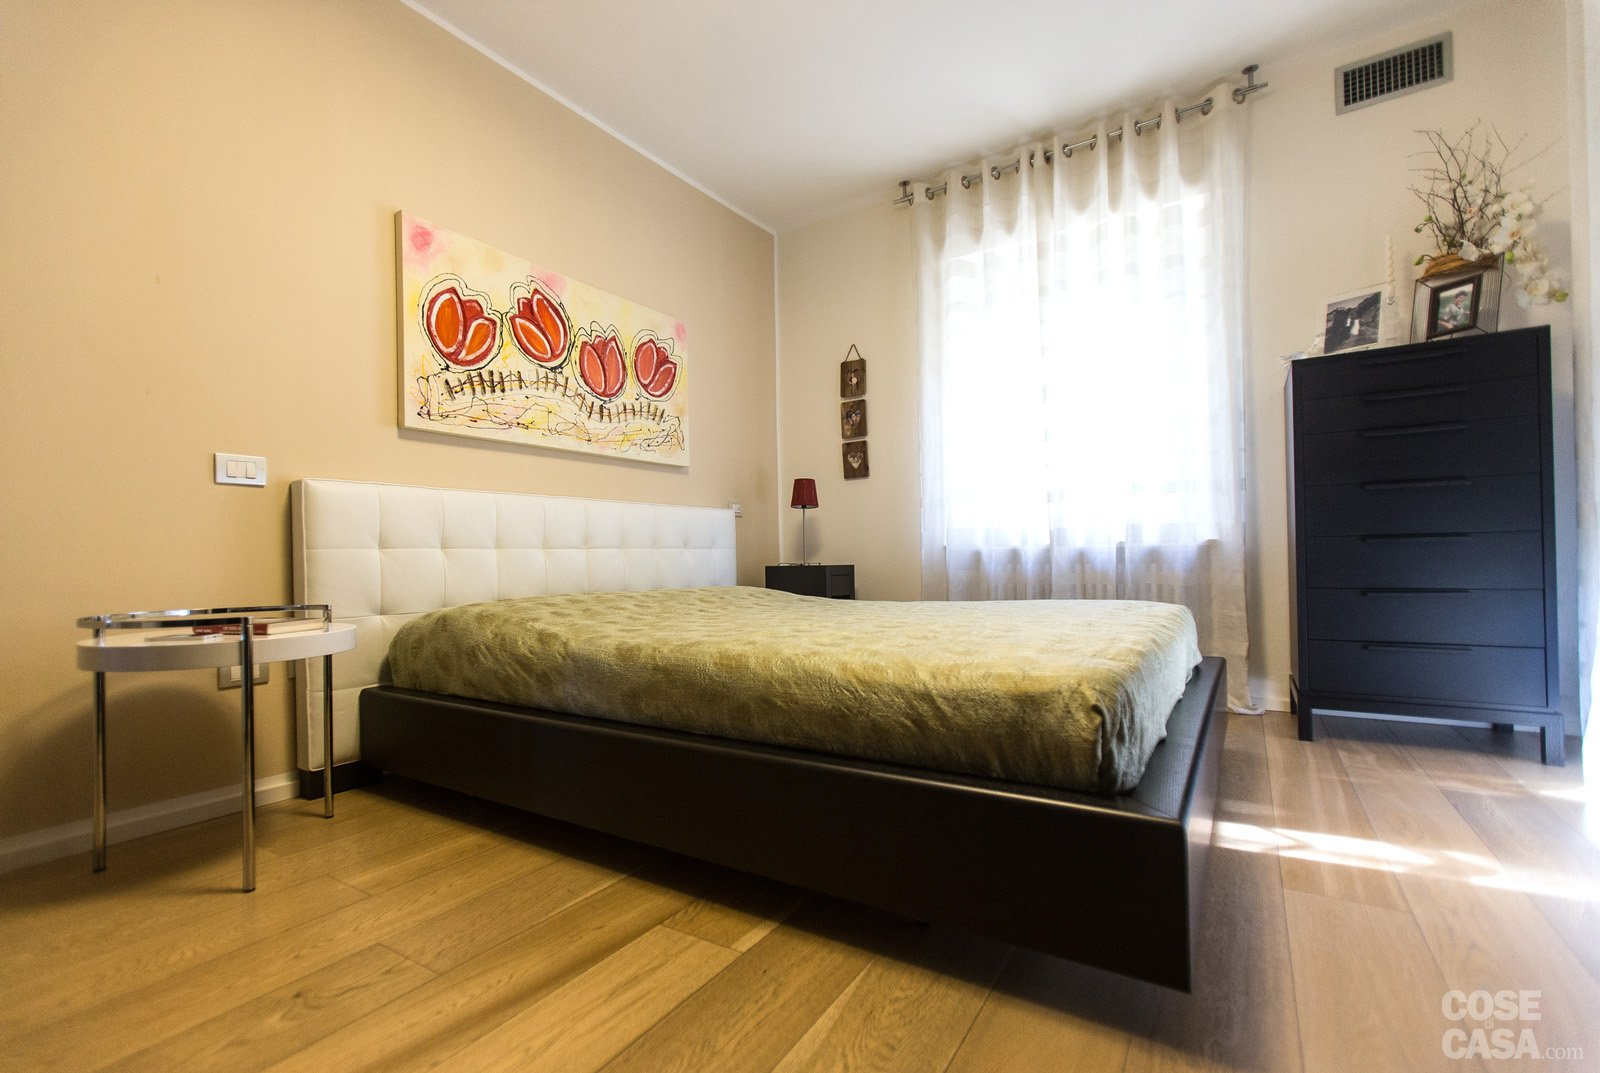 110 mq una casa con pareti d 39 effetto cose di casa for Pareti casa moderna